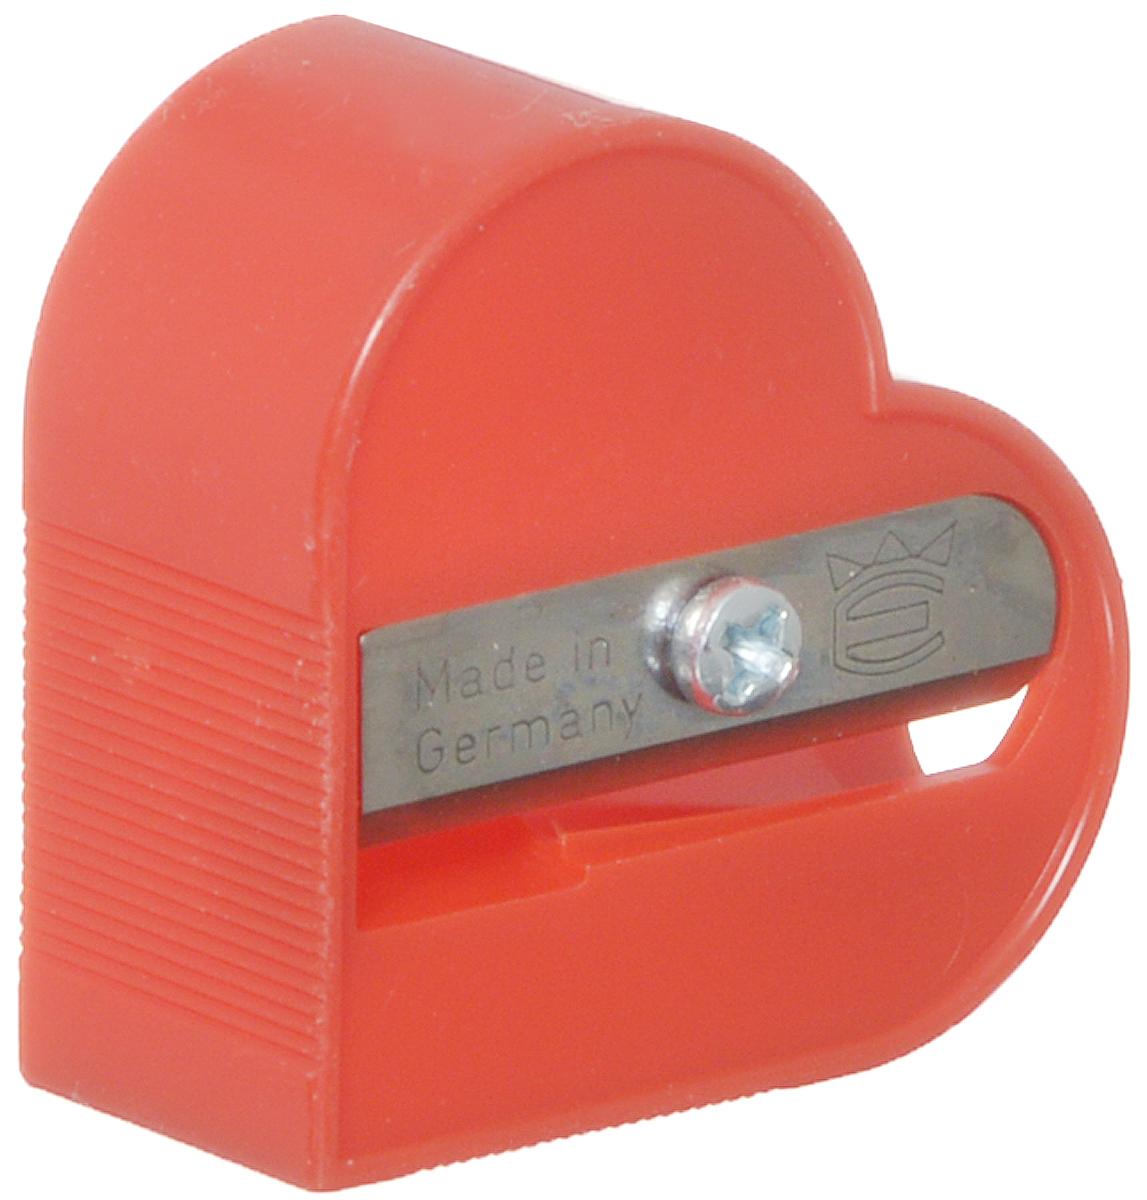 Eisen Точилка Сердце цвет красныйCS-WP2501-1X30Точилка Eisen Сердце предназначена для затачивания классических простых и цветных карандашей.Точилка изготовлена из качественного материала и имеет рельефную область захвата. Острые лезвия обеспечивают высококачественную и точную заточку карандашей.